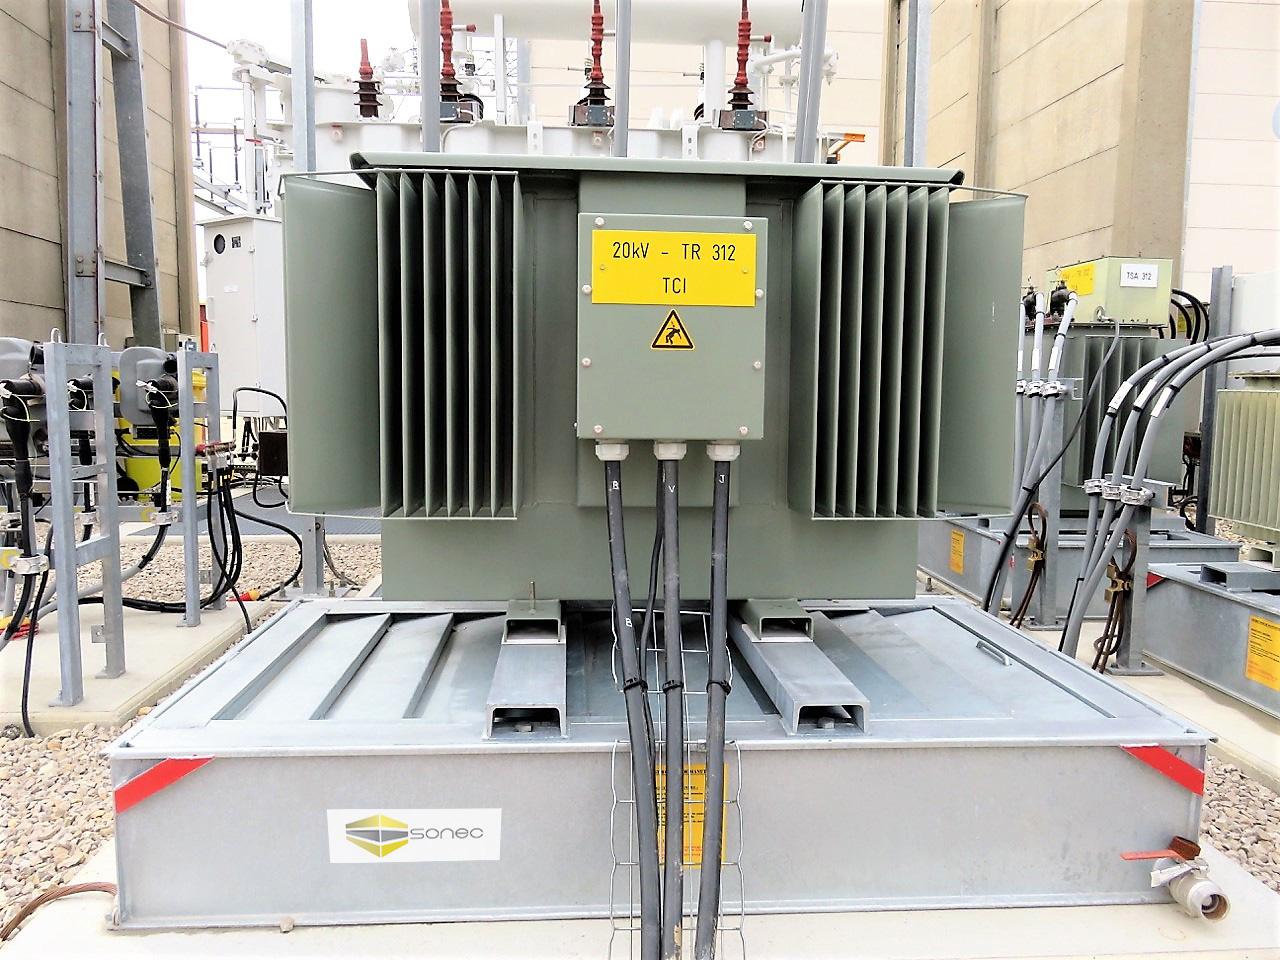 La gamme BCF de sonec de bac coupe-feu a été testée avec succès au CNPP et utilisée chez ENEDIS SNCF et France transfo depuis 2007